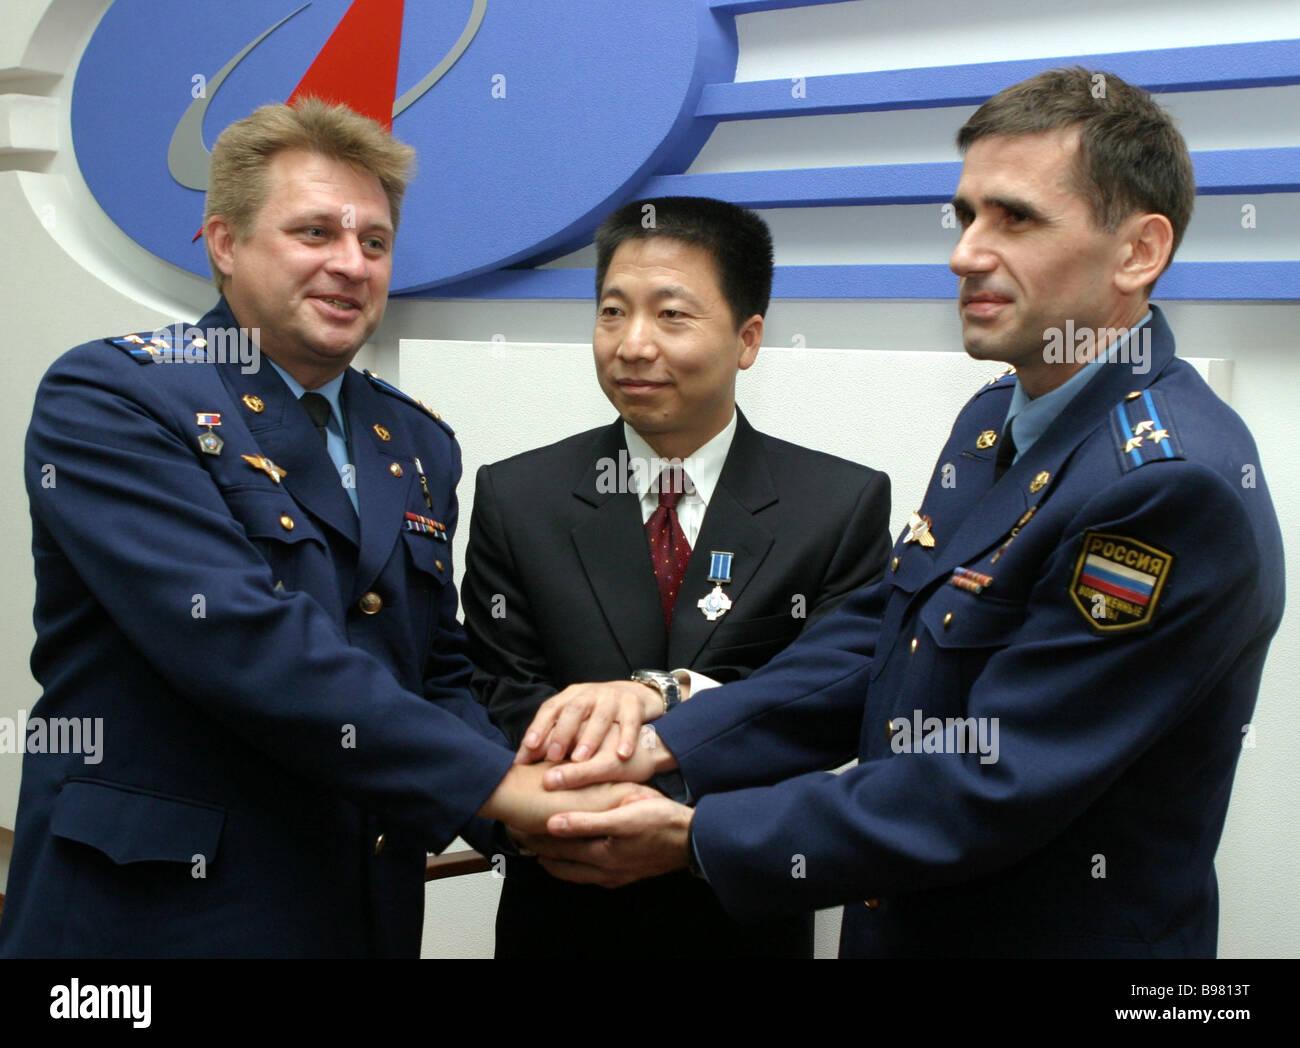 Russian cosmonauts Yury Malenchenko right and Yury Onufriyenko left meeting China s first astronaut Yang Liwei centre - Stock Image